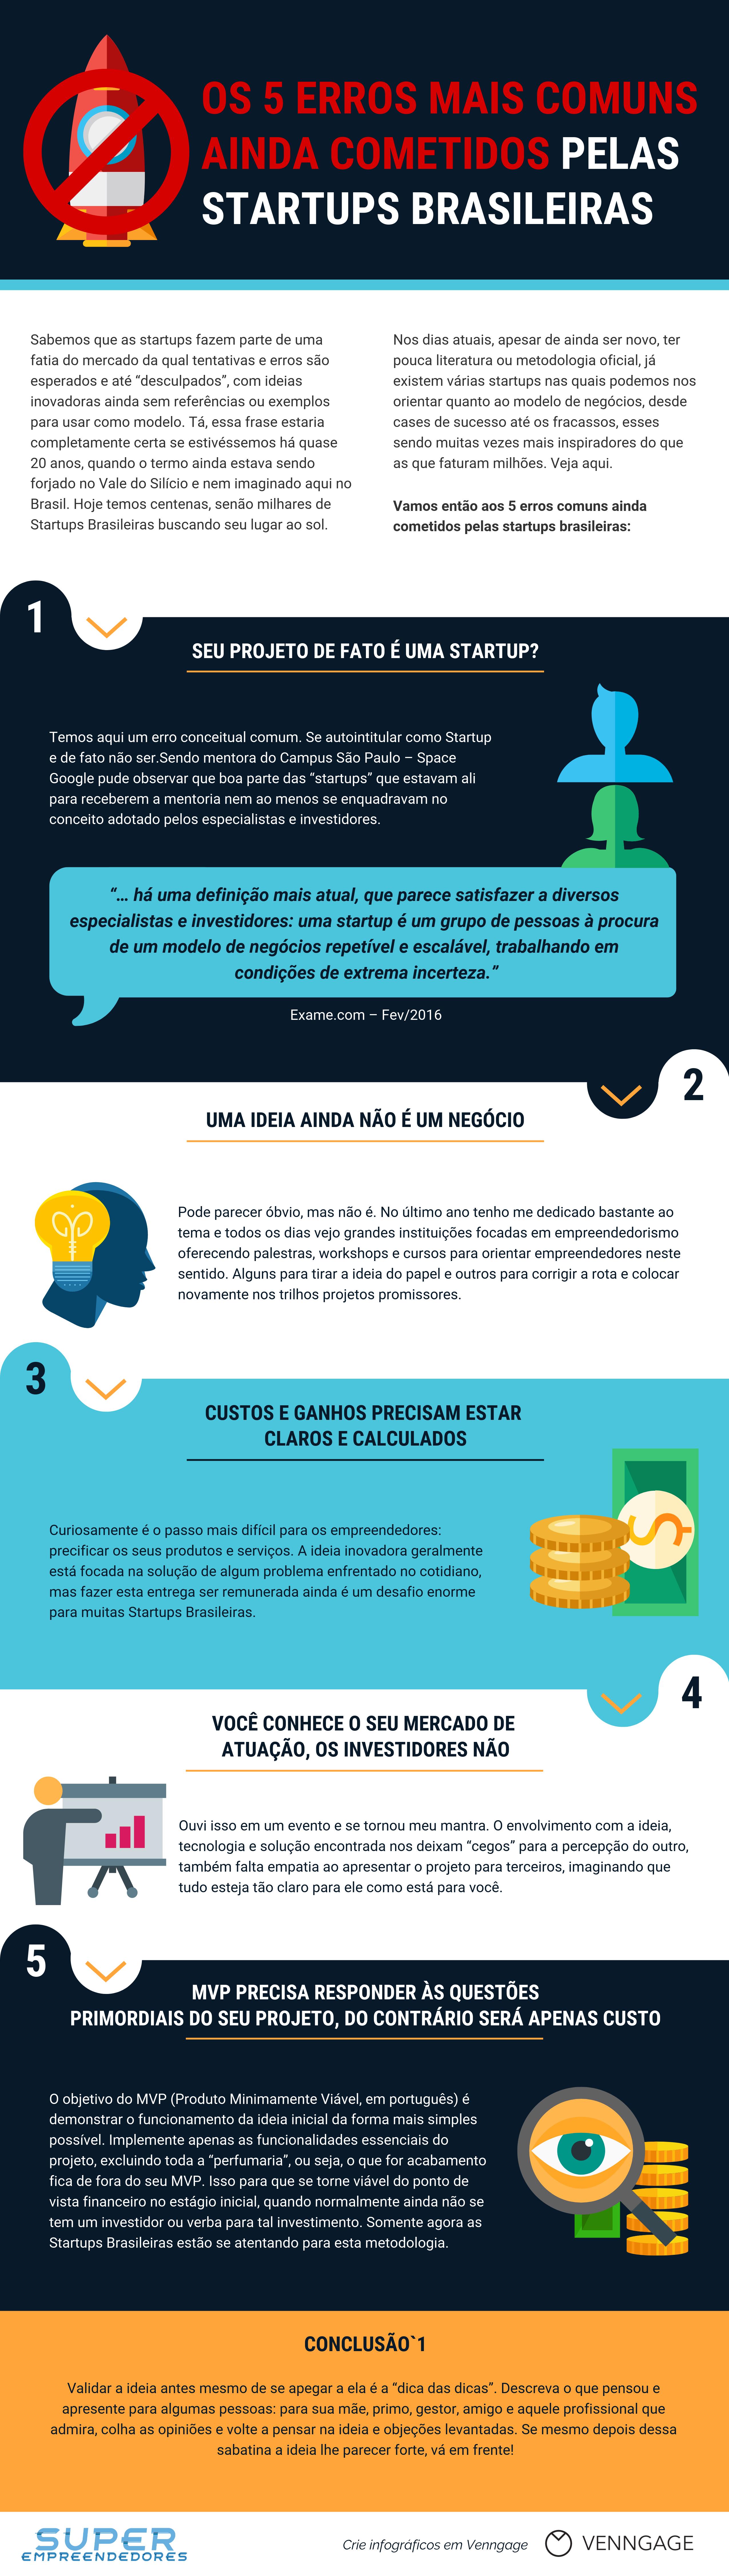 Infográfico - Os Erros Mais Comuns Ainda Cometidos Pelas Startups Brasileiras